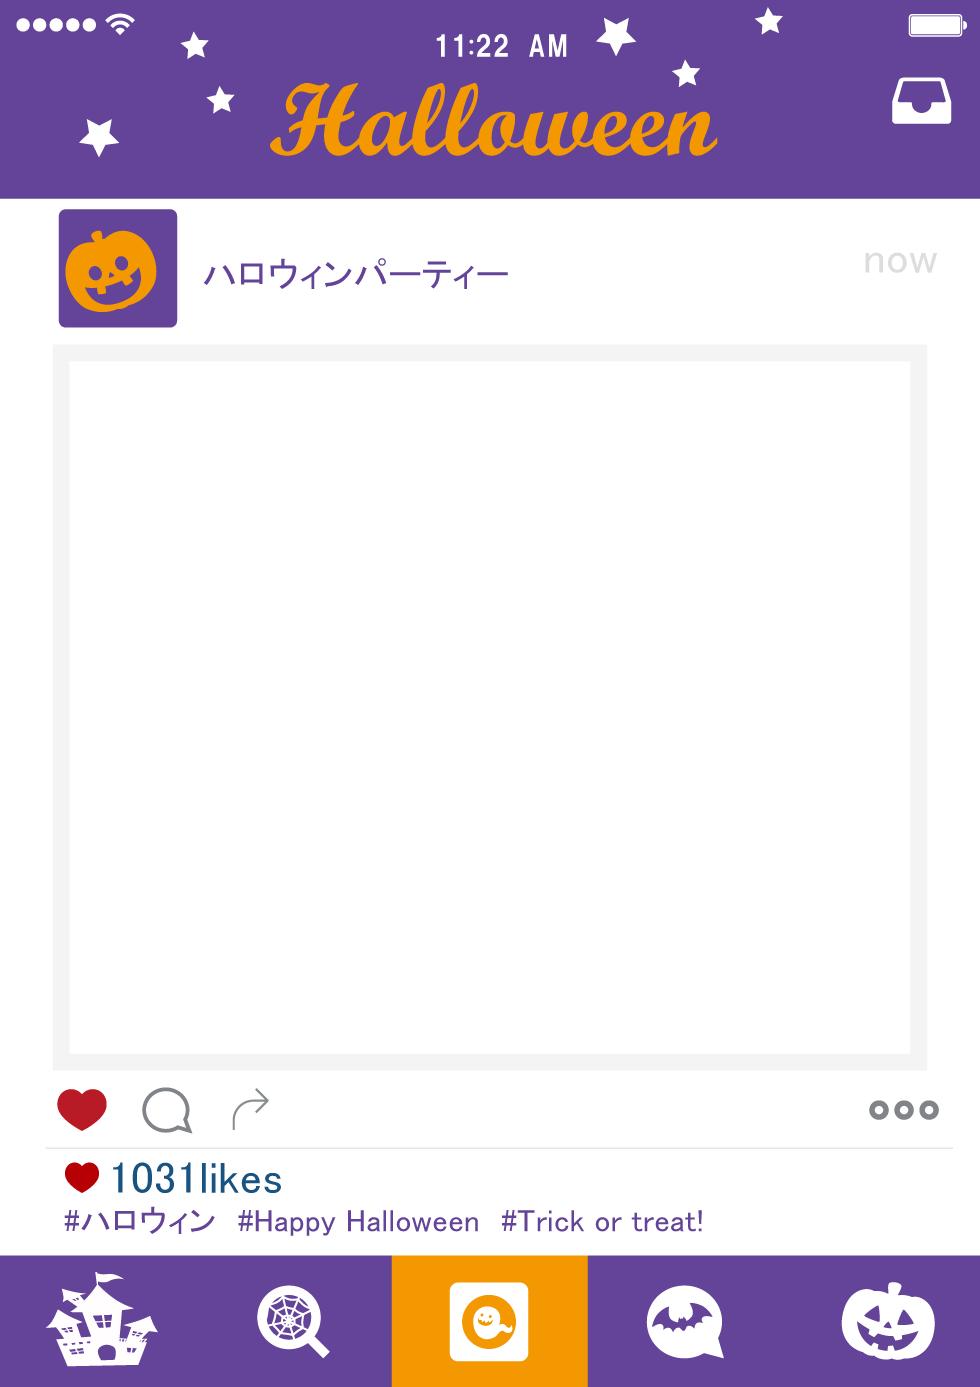 ハロウィン紫インスタパネル